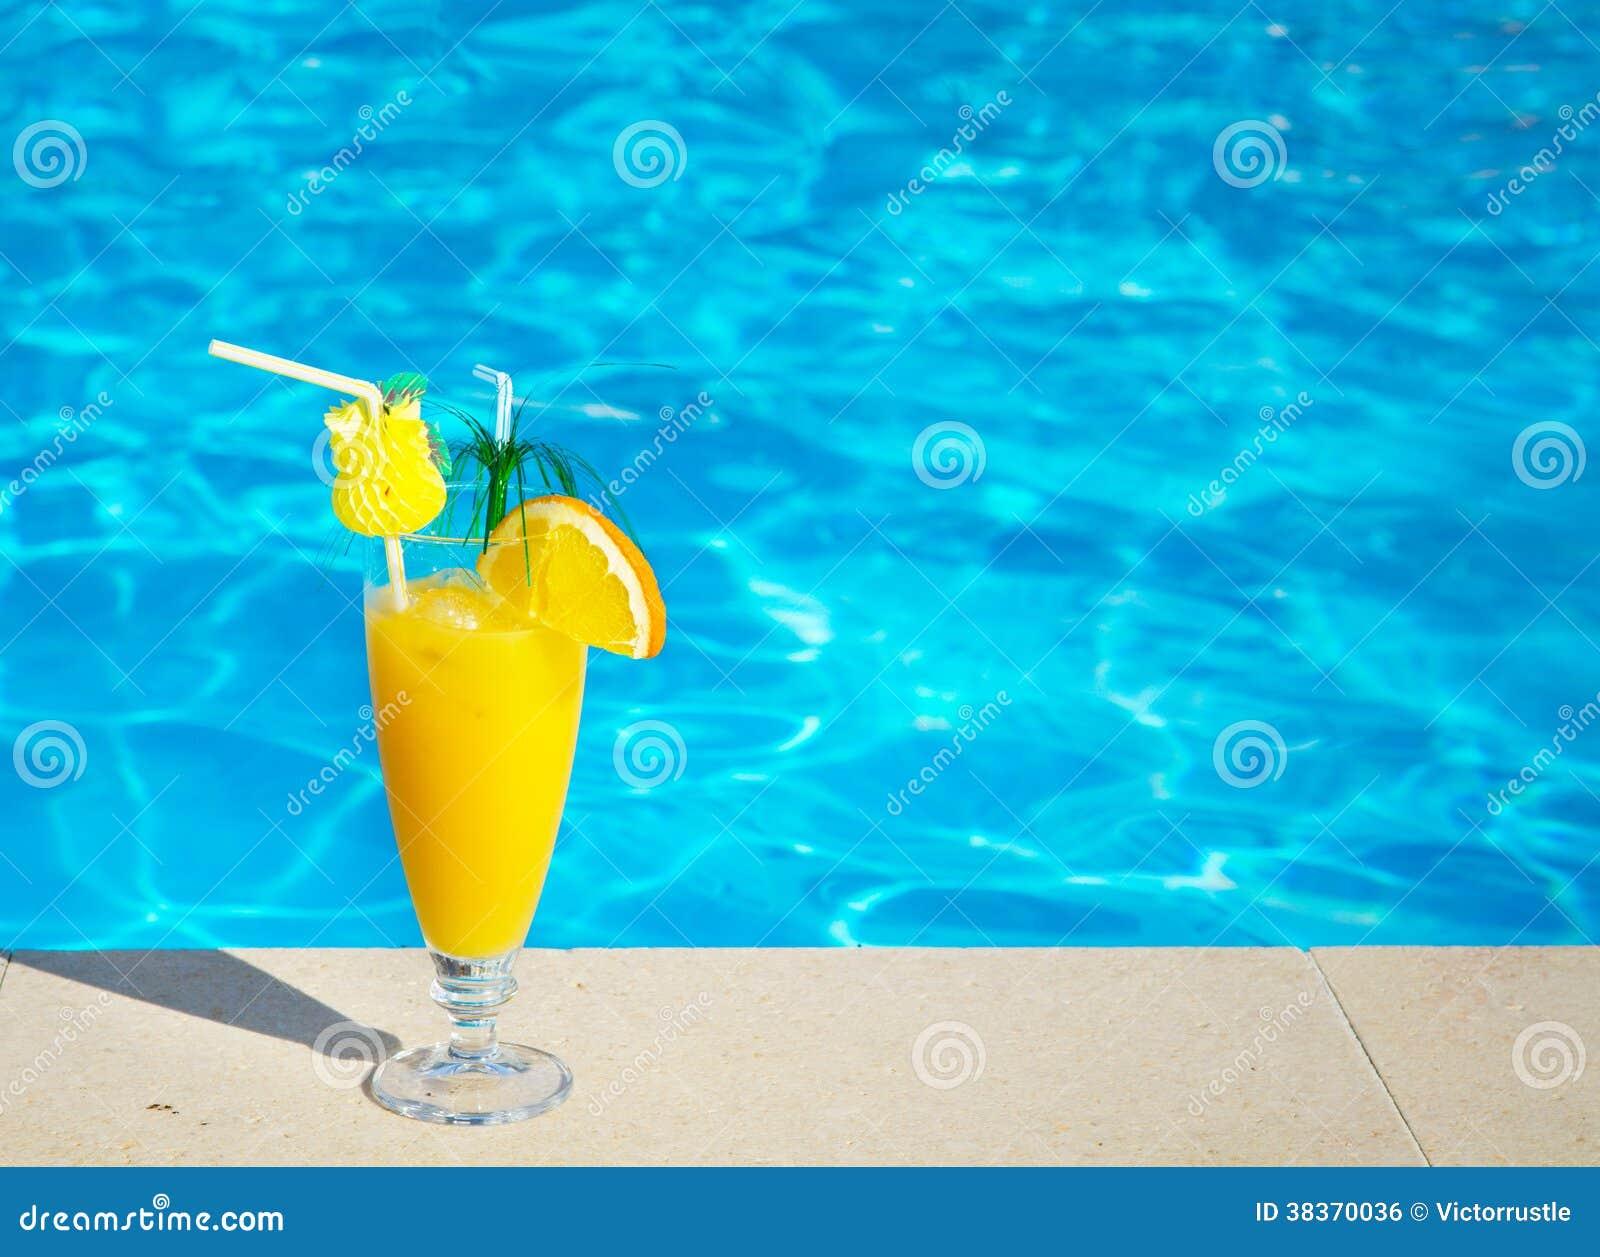 Piscine Jus Cocktail Vacances D 39 T La Plage Image